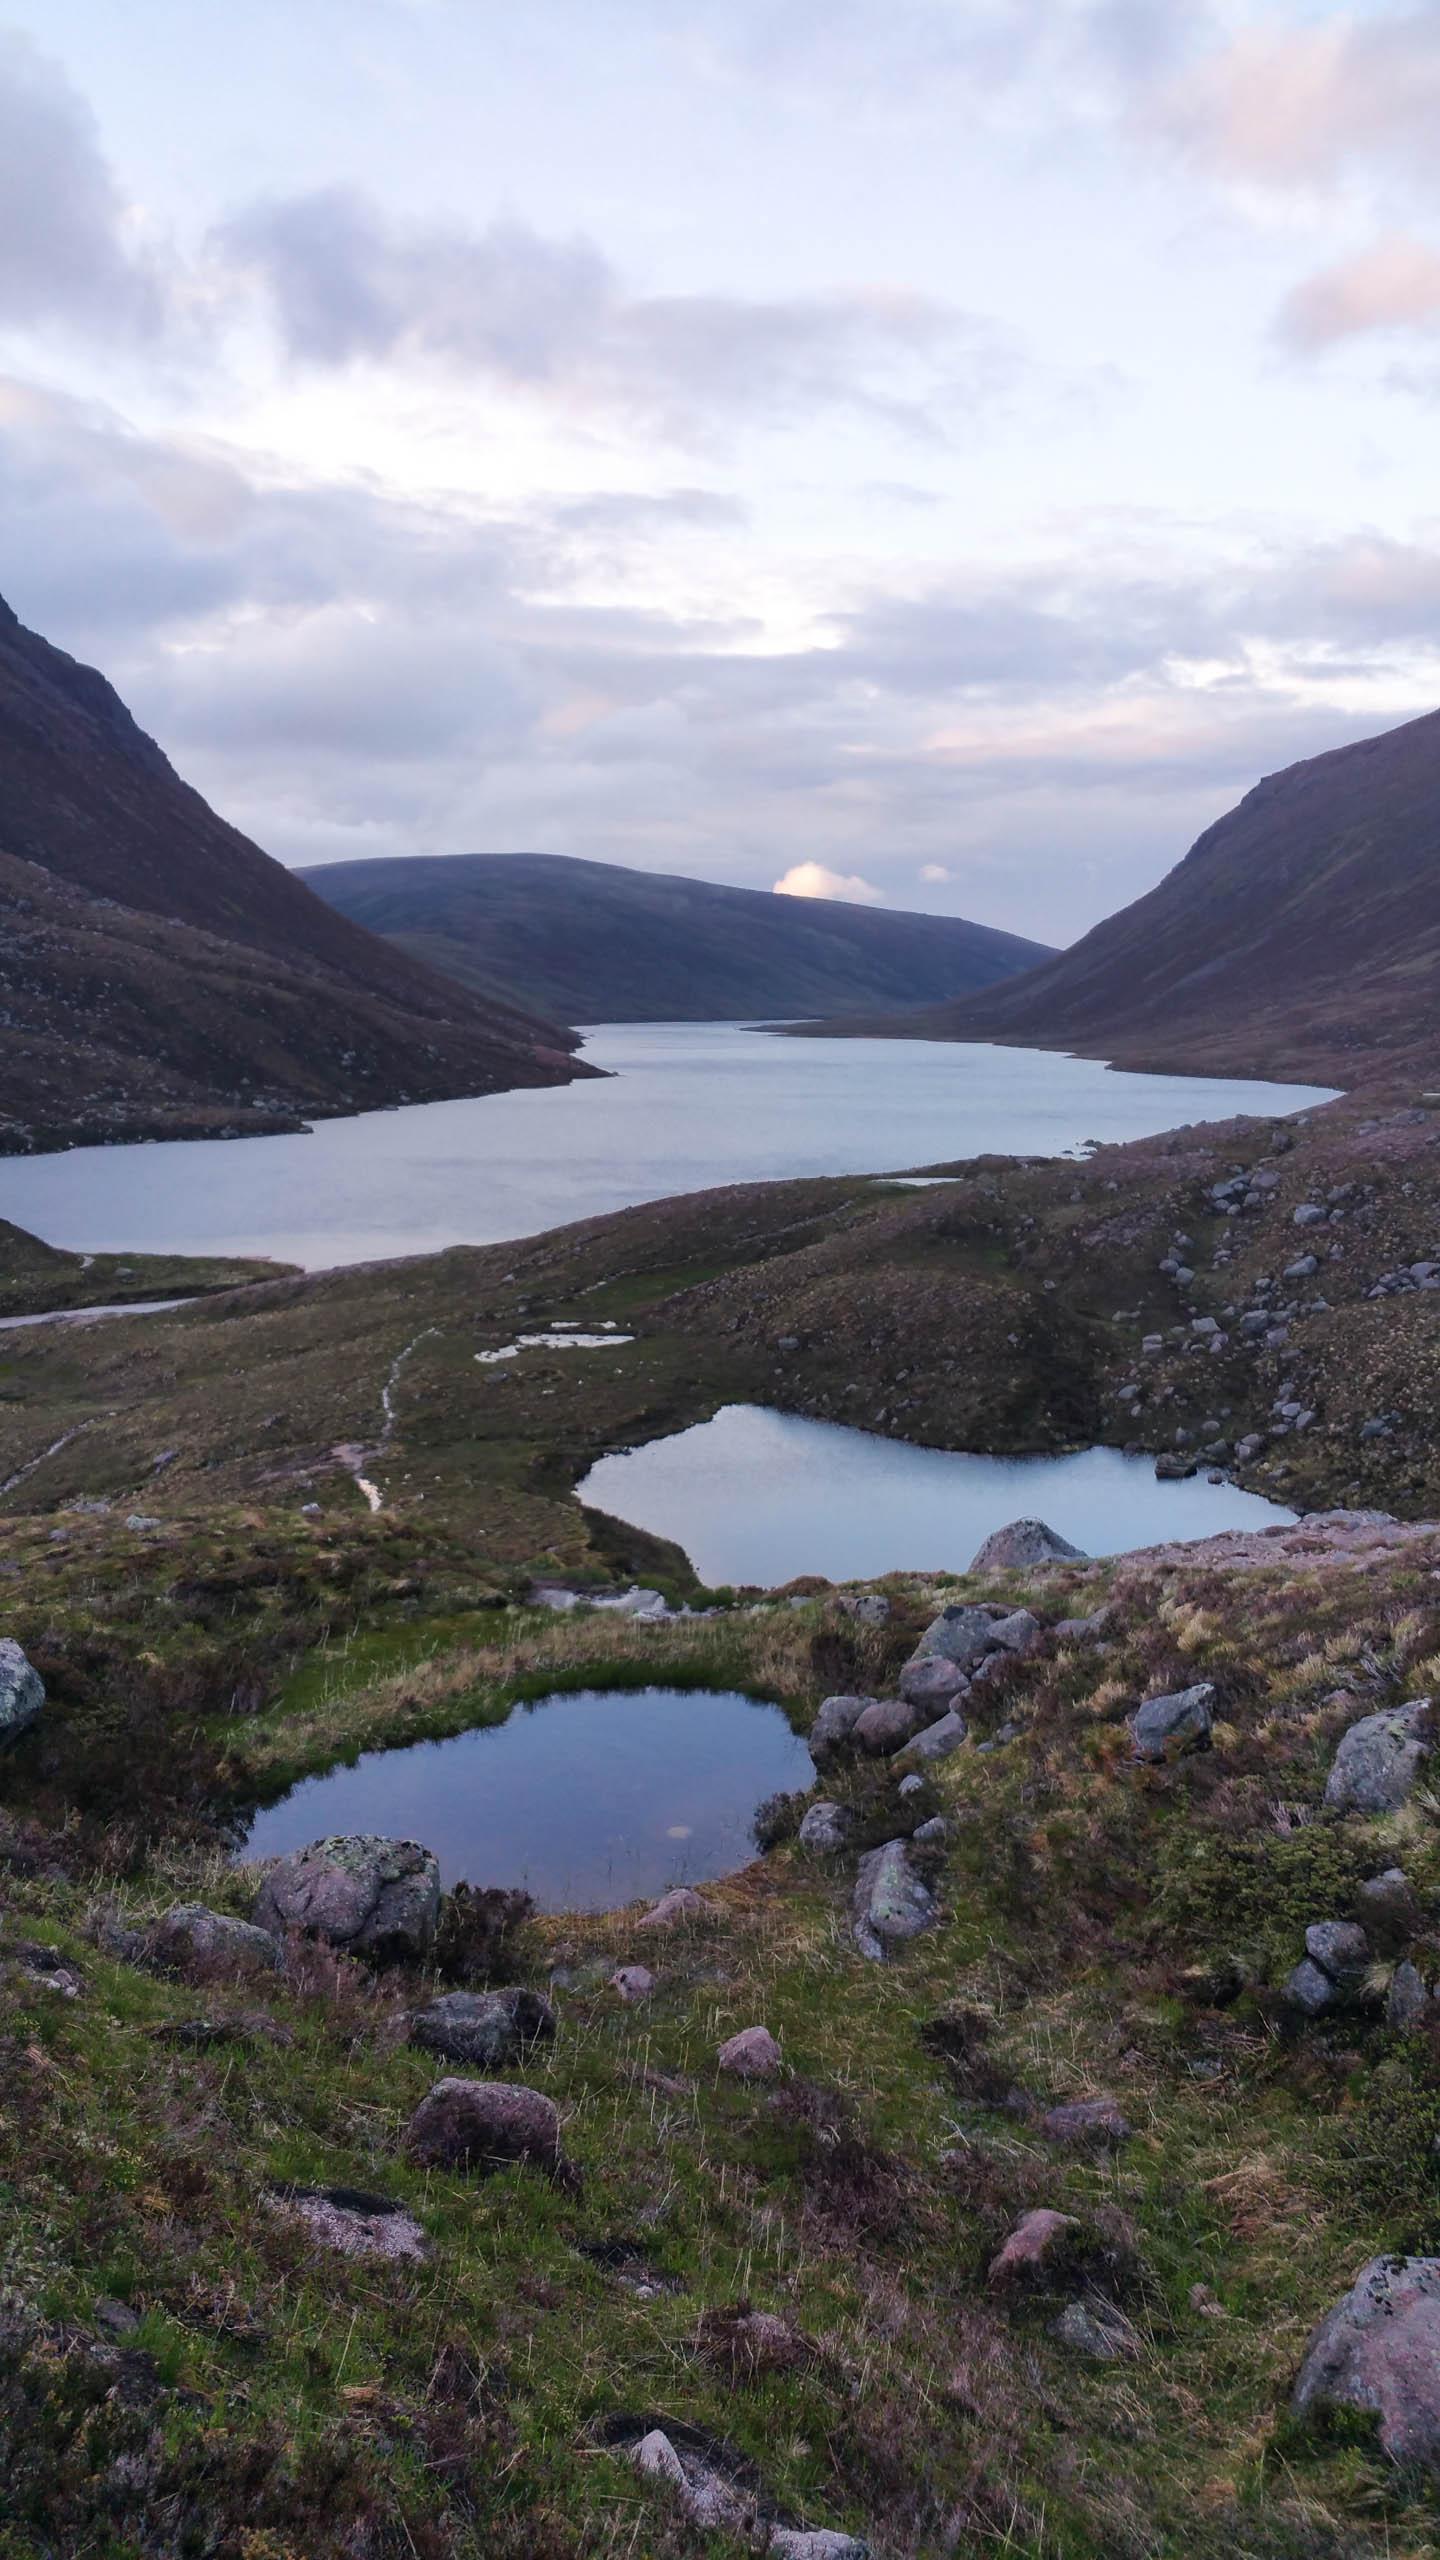 Loch Avon - Martin Holland